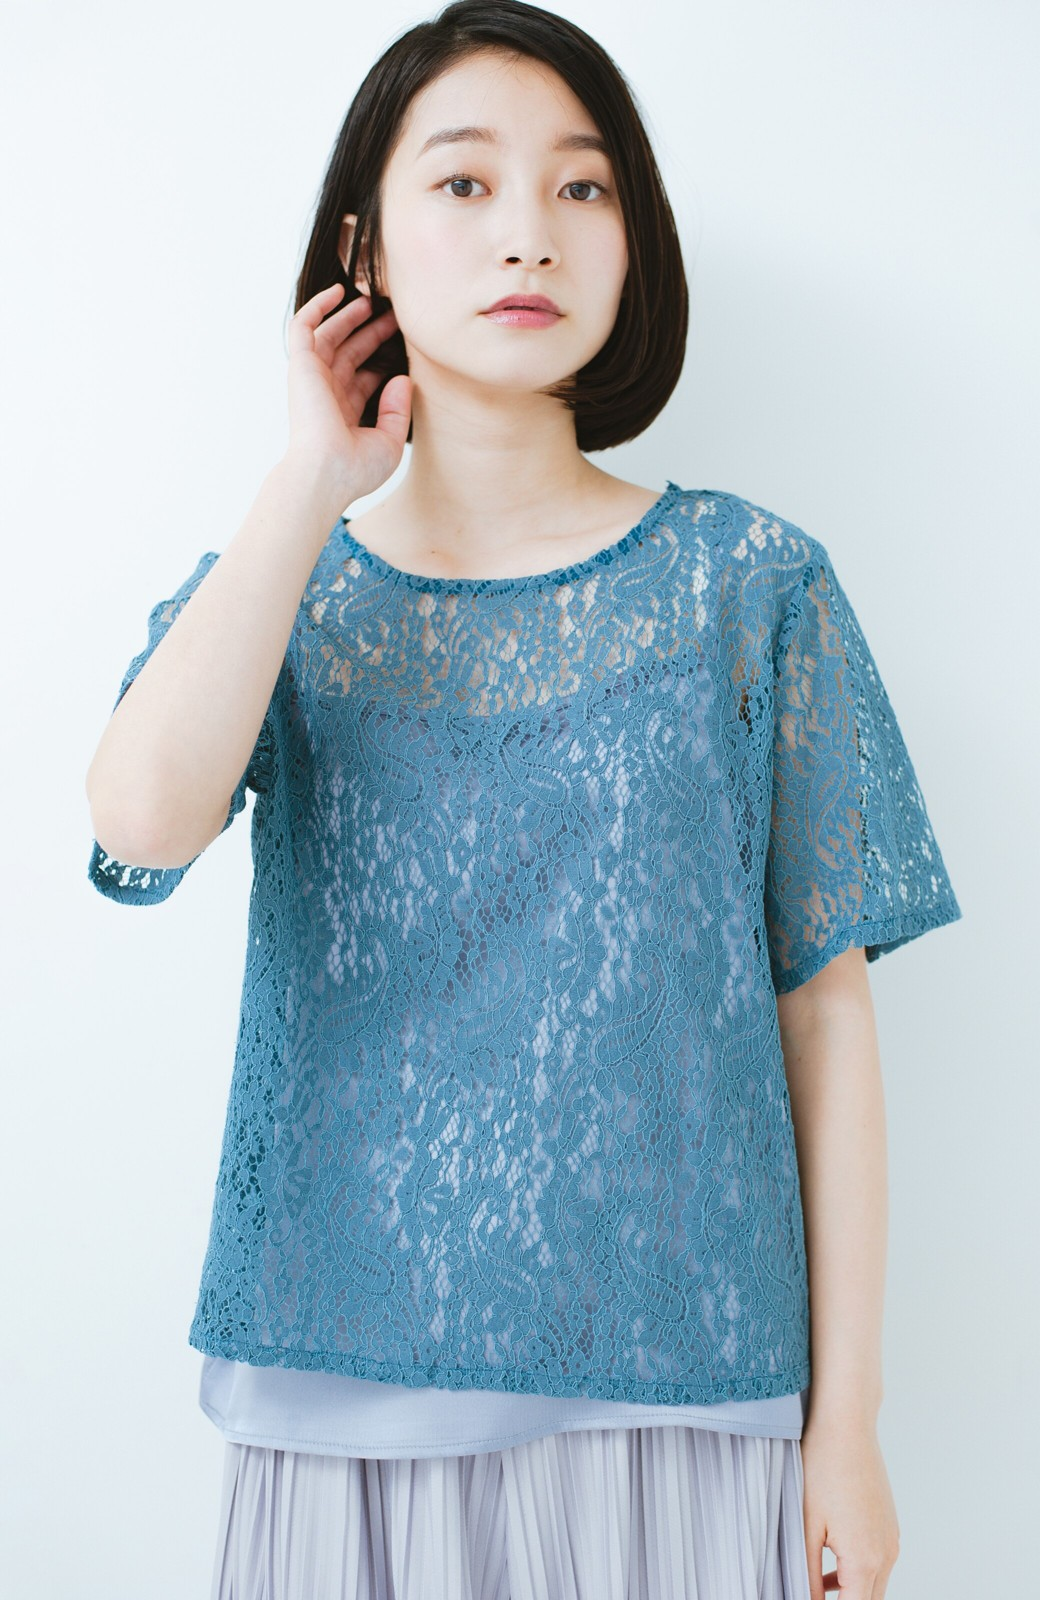 haco! いつものTシャツのかわりに着たい レースTブラウスとキャミソールセット <ブルー>の商品写真9